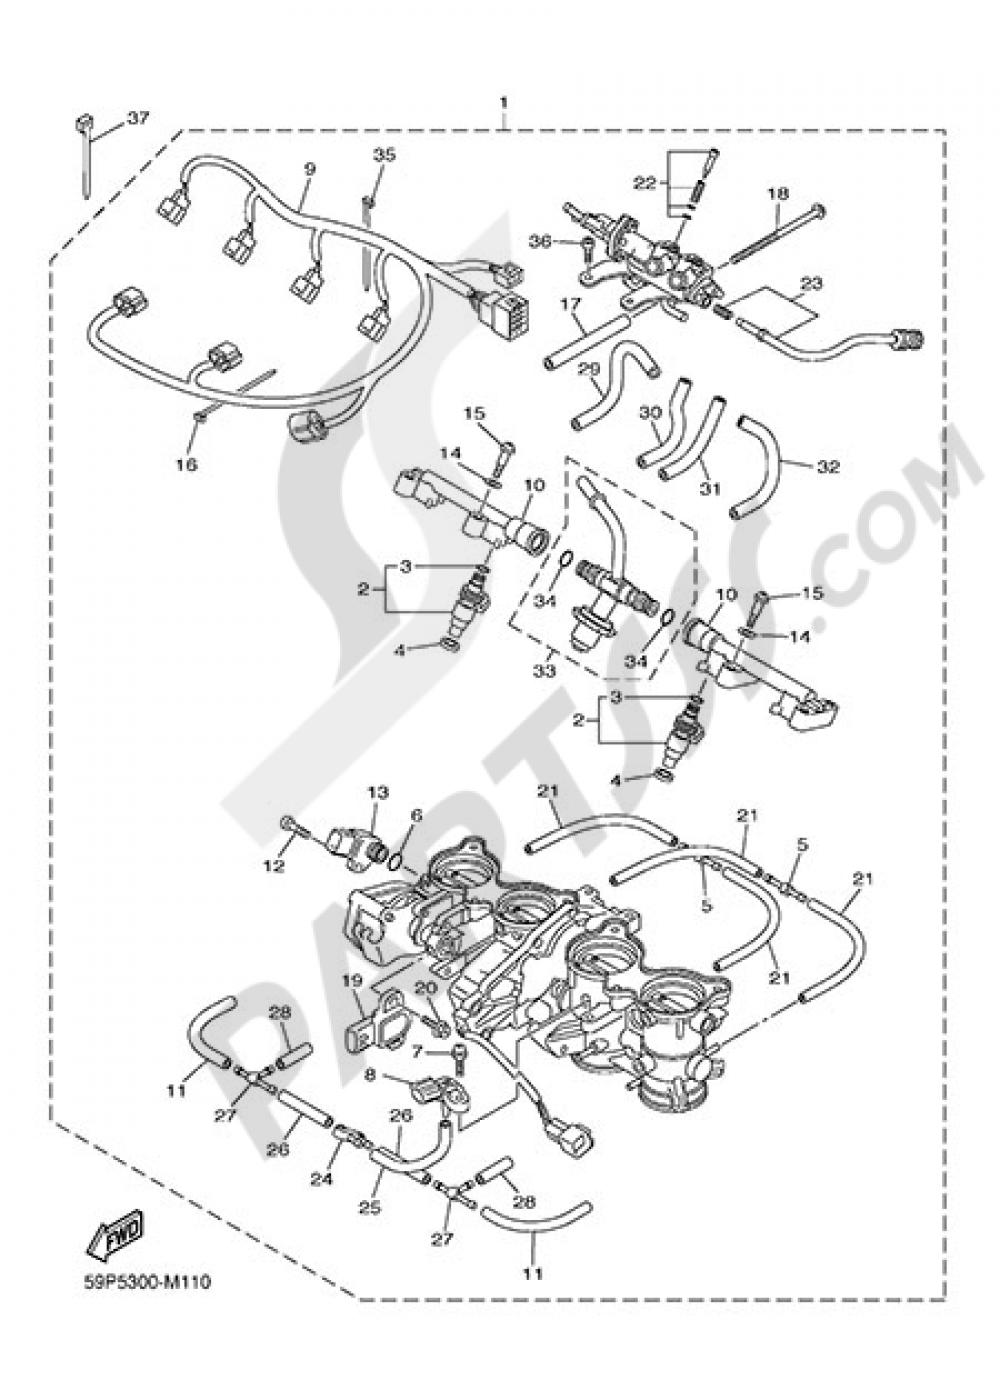 INTAKE 2 Yamaha FZ8 ABS 2013